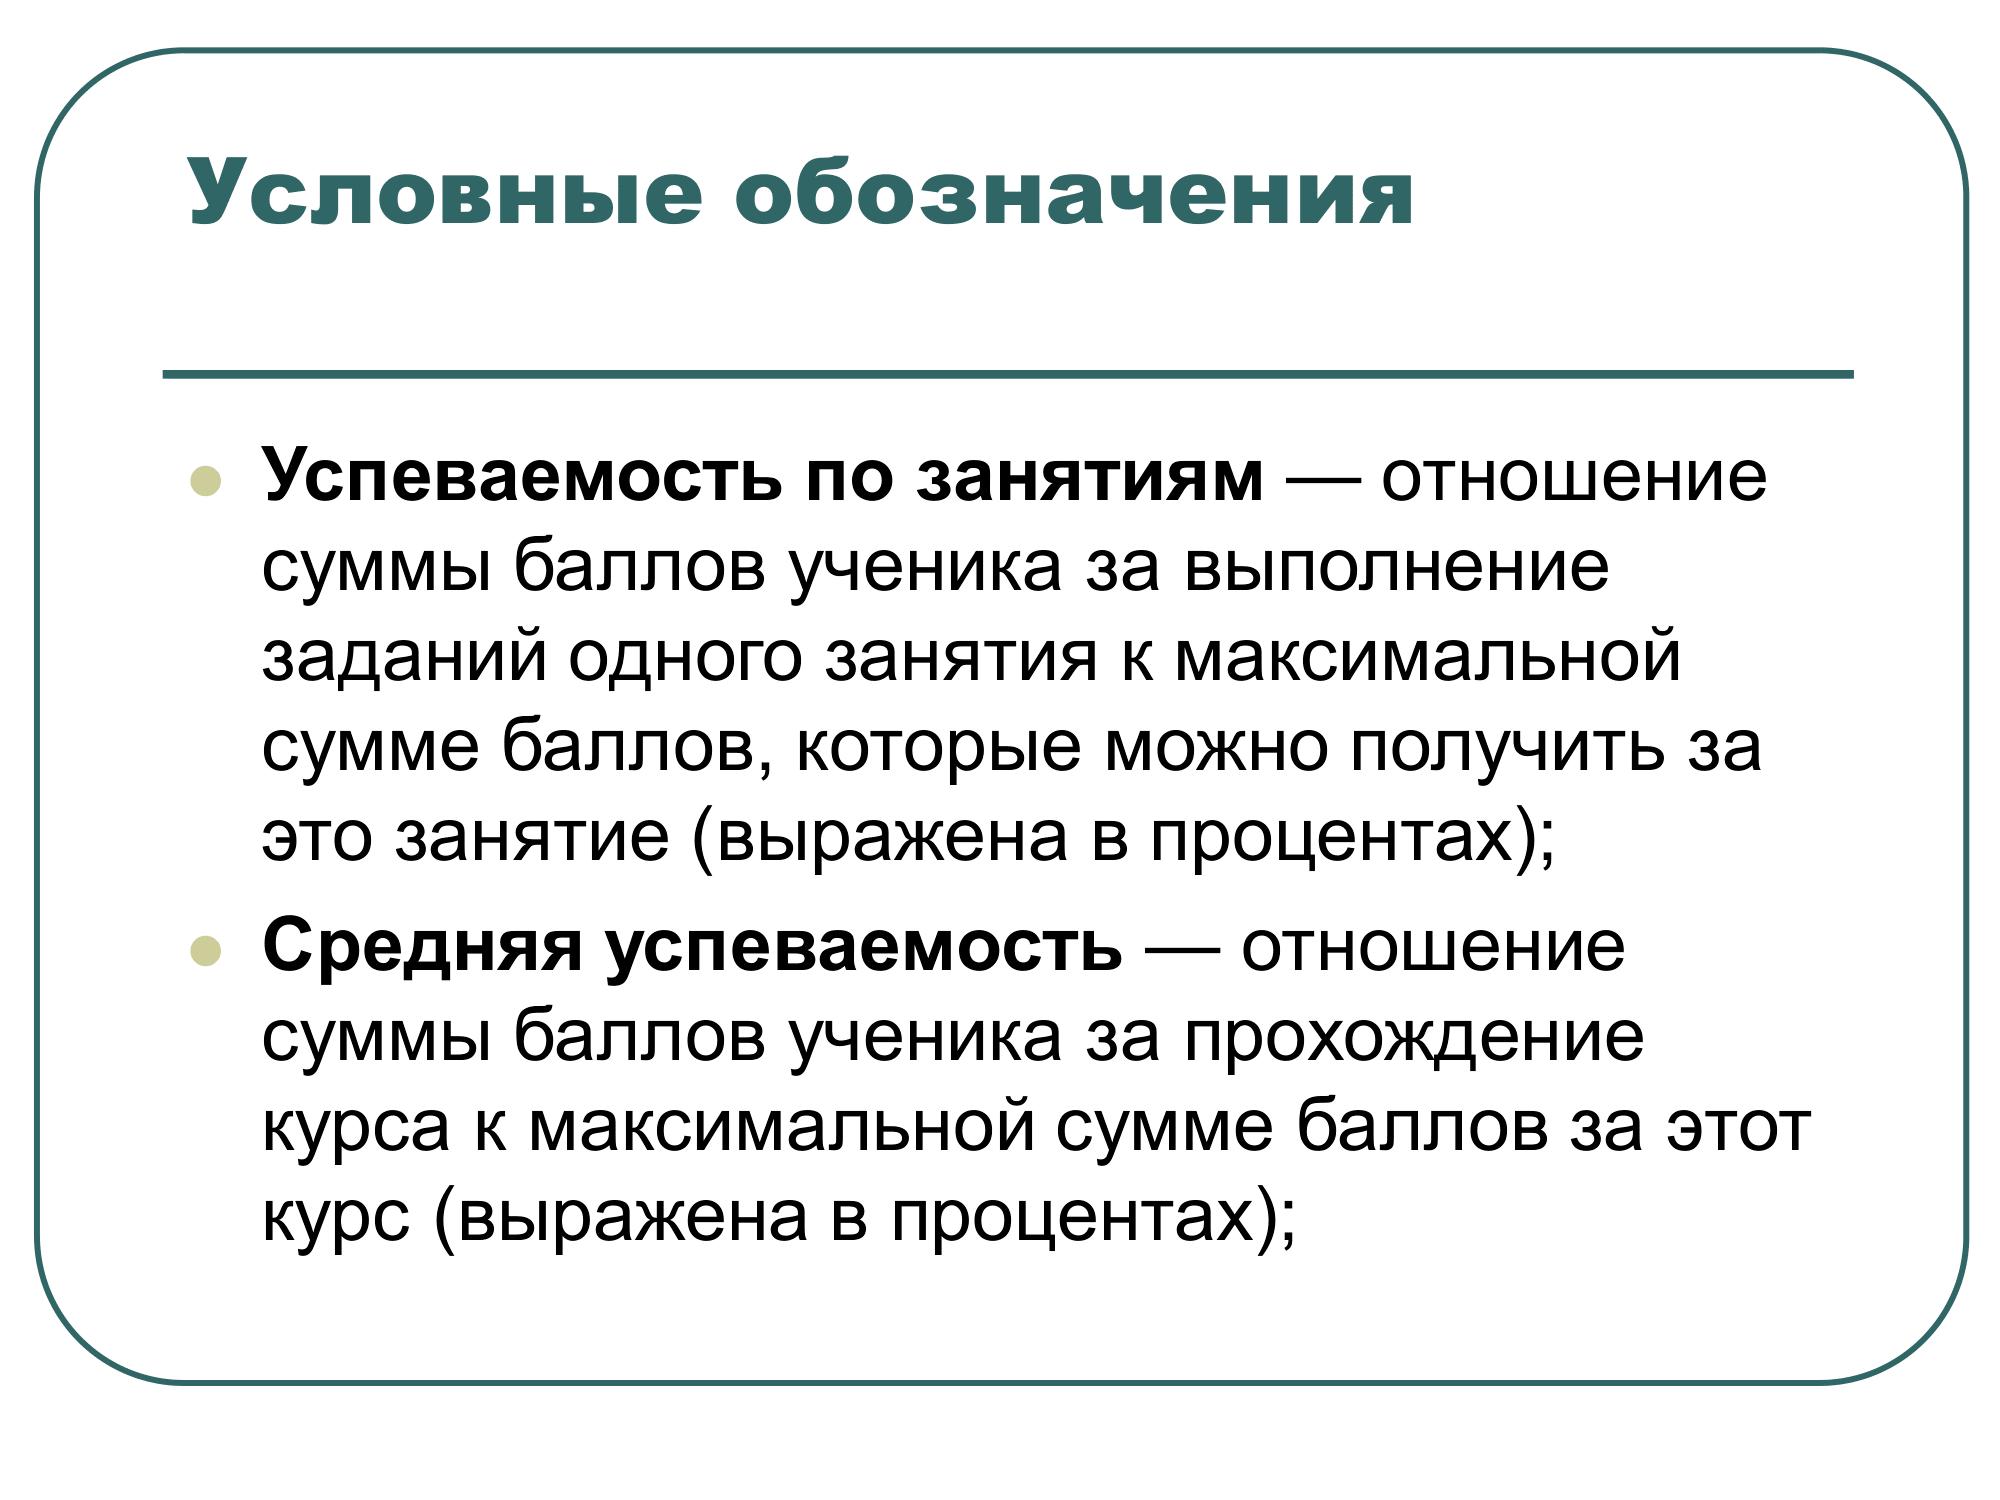 яндекс учебник. Презентация к докладу Васильченко Т.В._0006